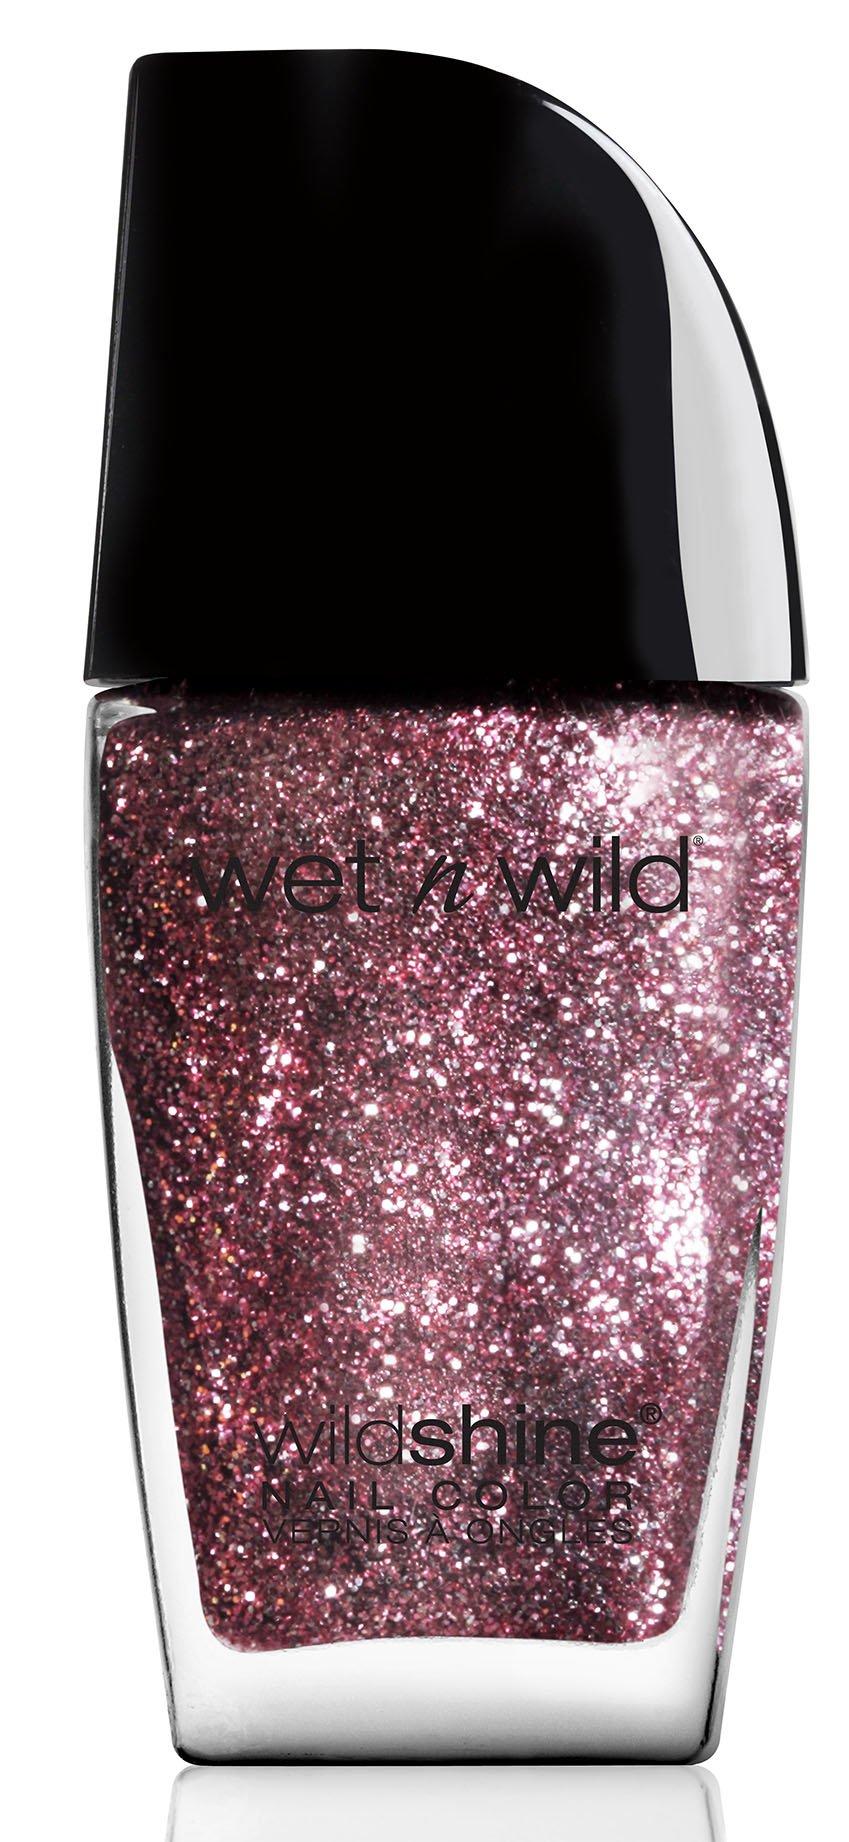 Wet n Wild Sparked Wild Shine Nail Color Esmalte para las Uñas – 12 ml (17232)